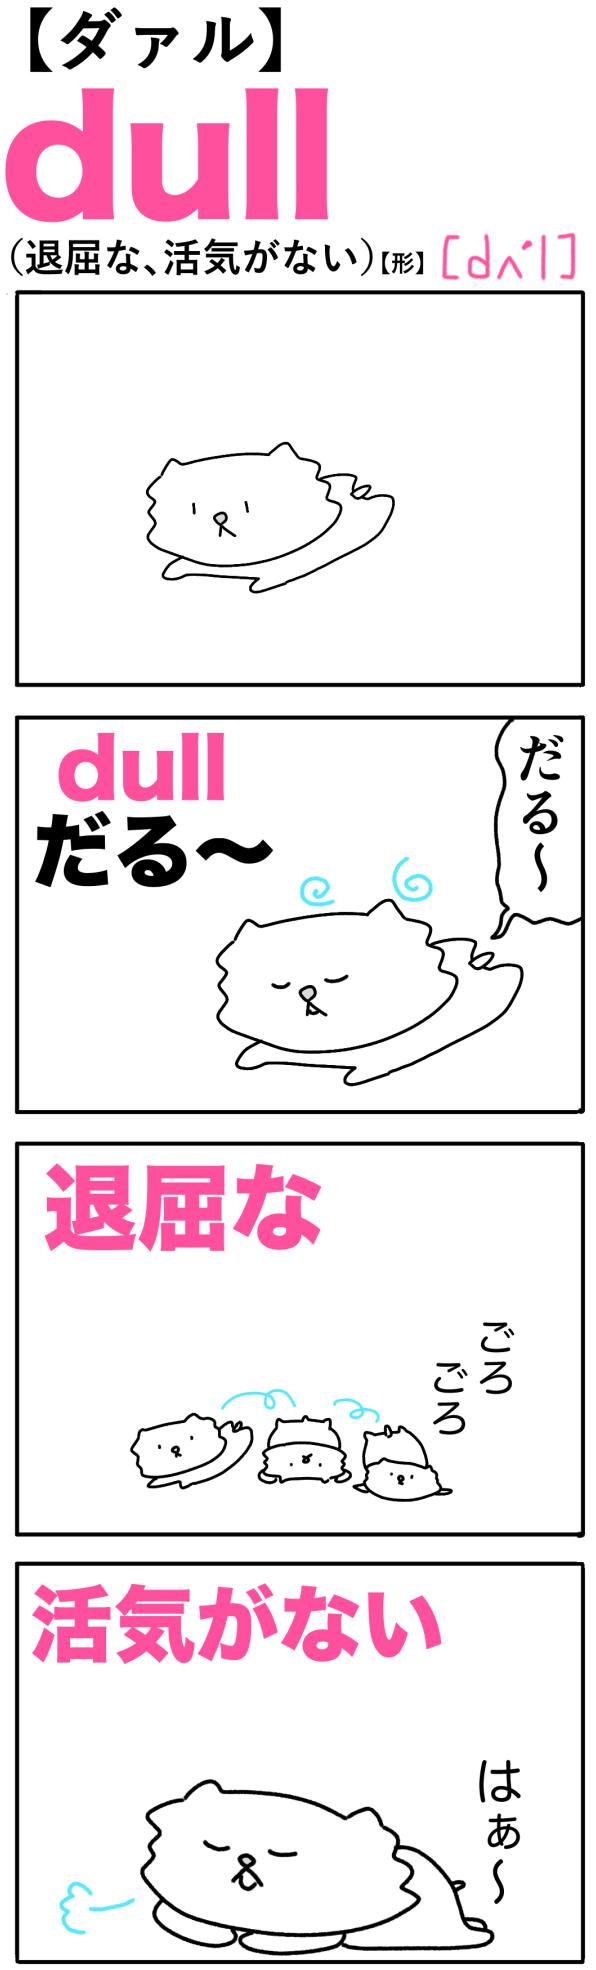 dull(退屈な、活気がない)の語呂合わせ英単語